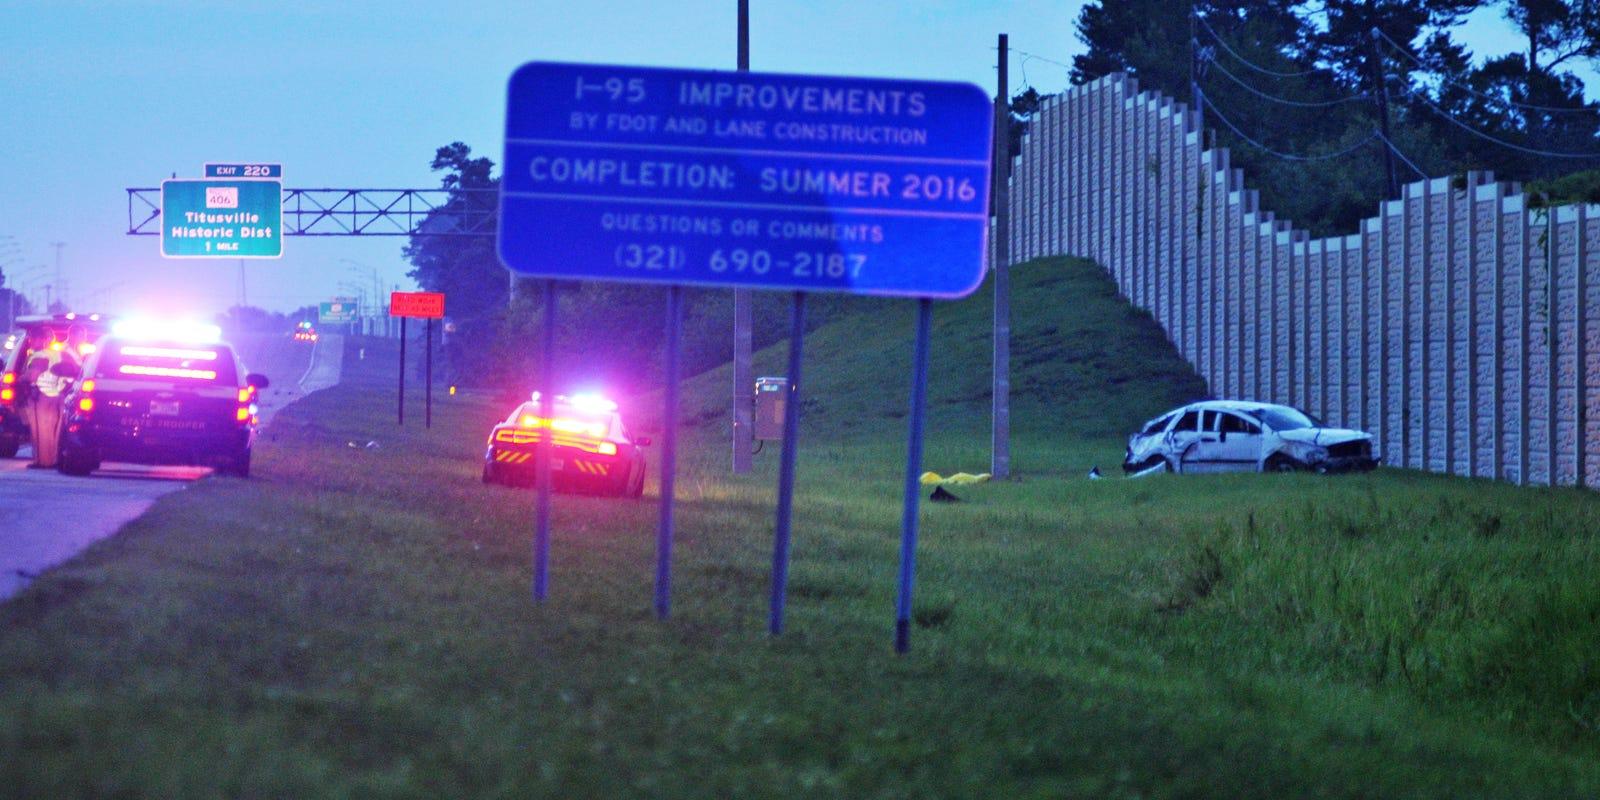 Four sisters killed in Brevard I-95 Memorial Day crash